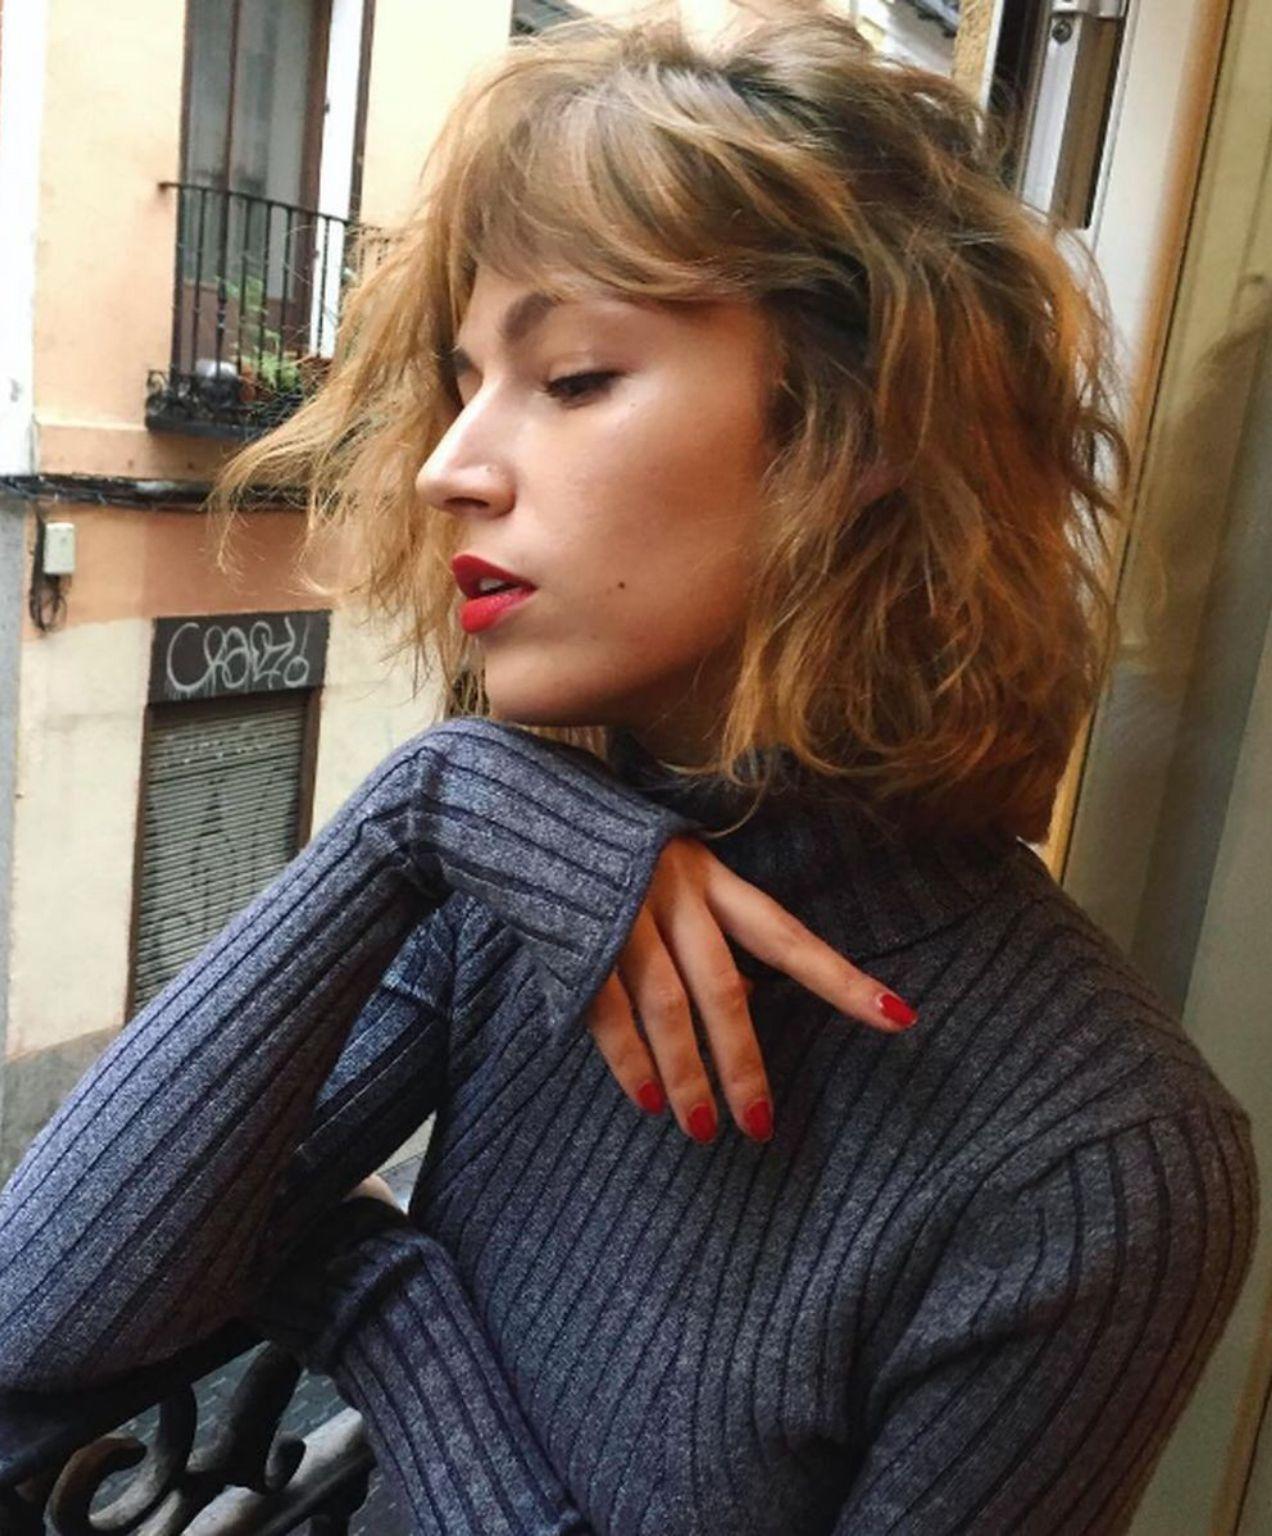 Epingle Par Gabi Sur Ursula Corbero Coupe De Cheveux Cheveux Idees De Coiffures